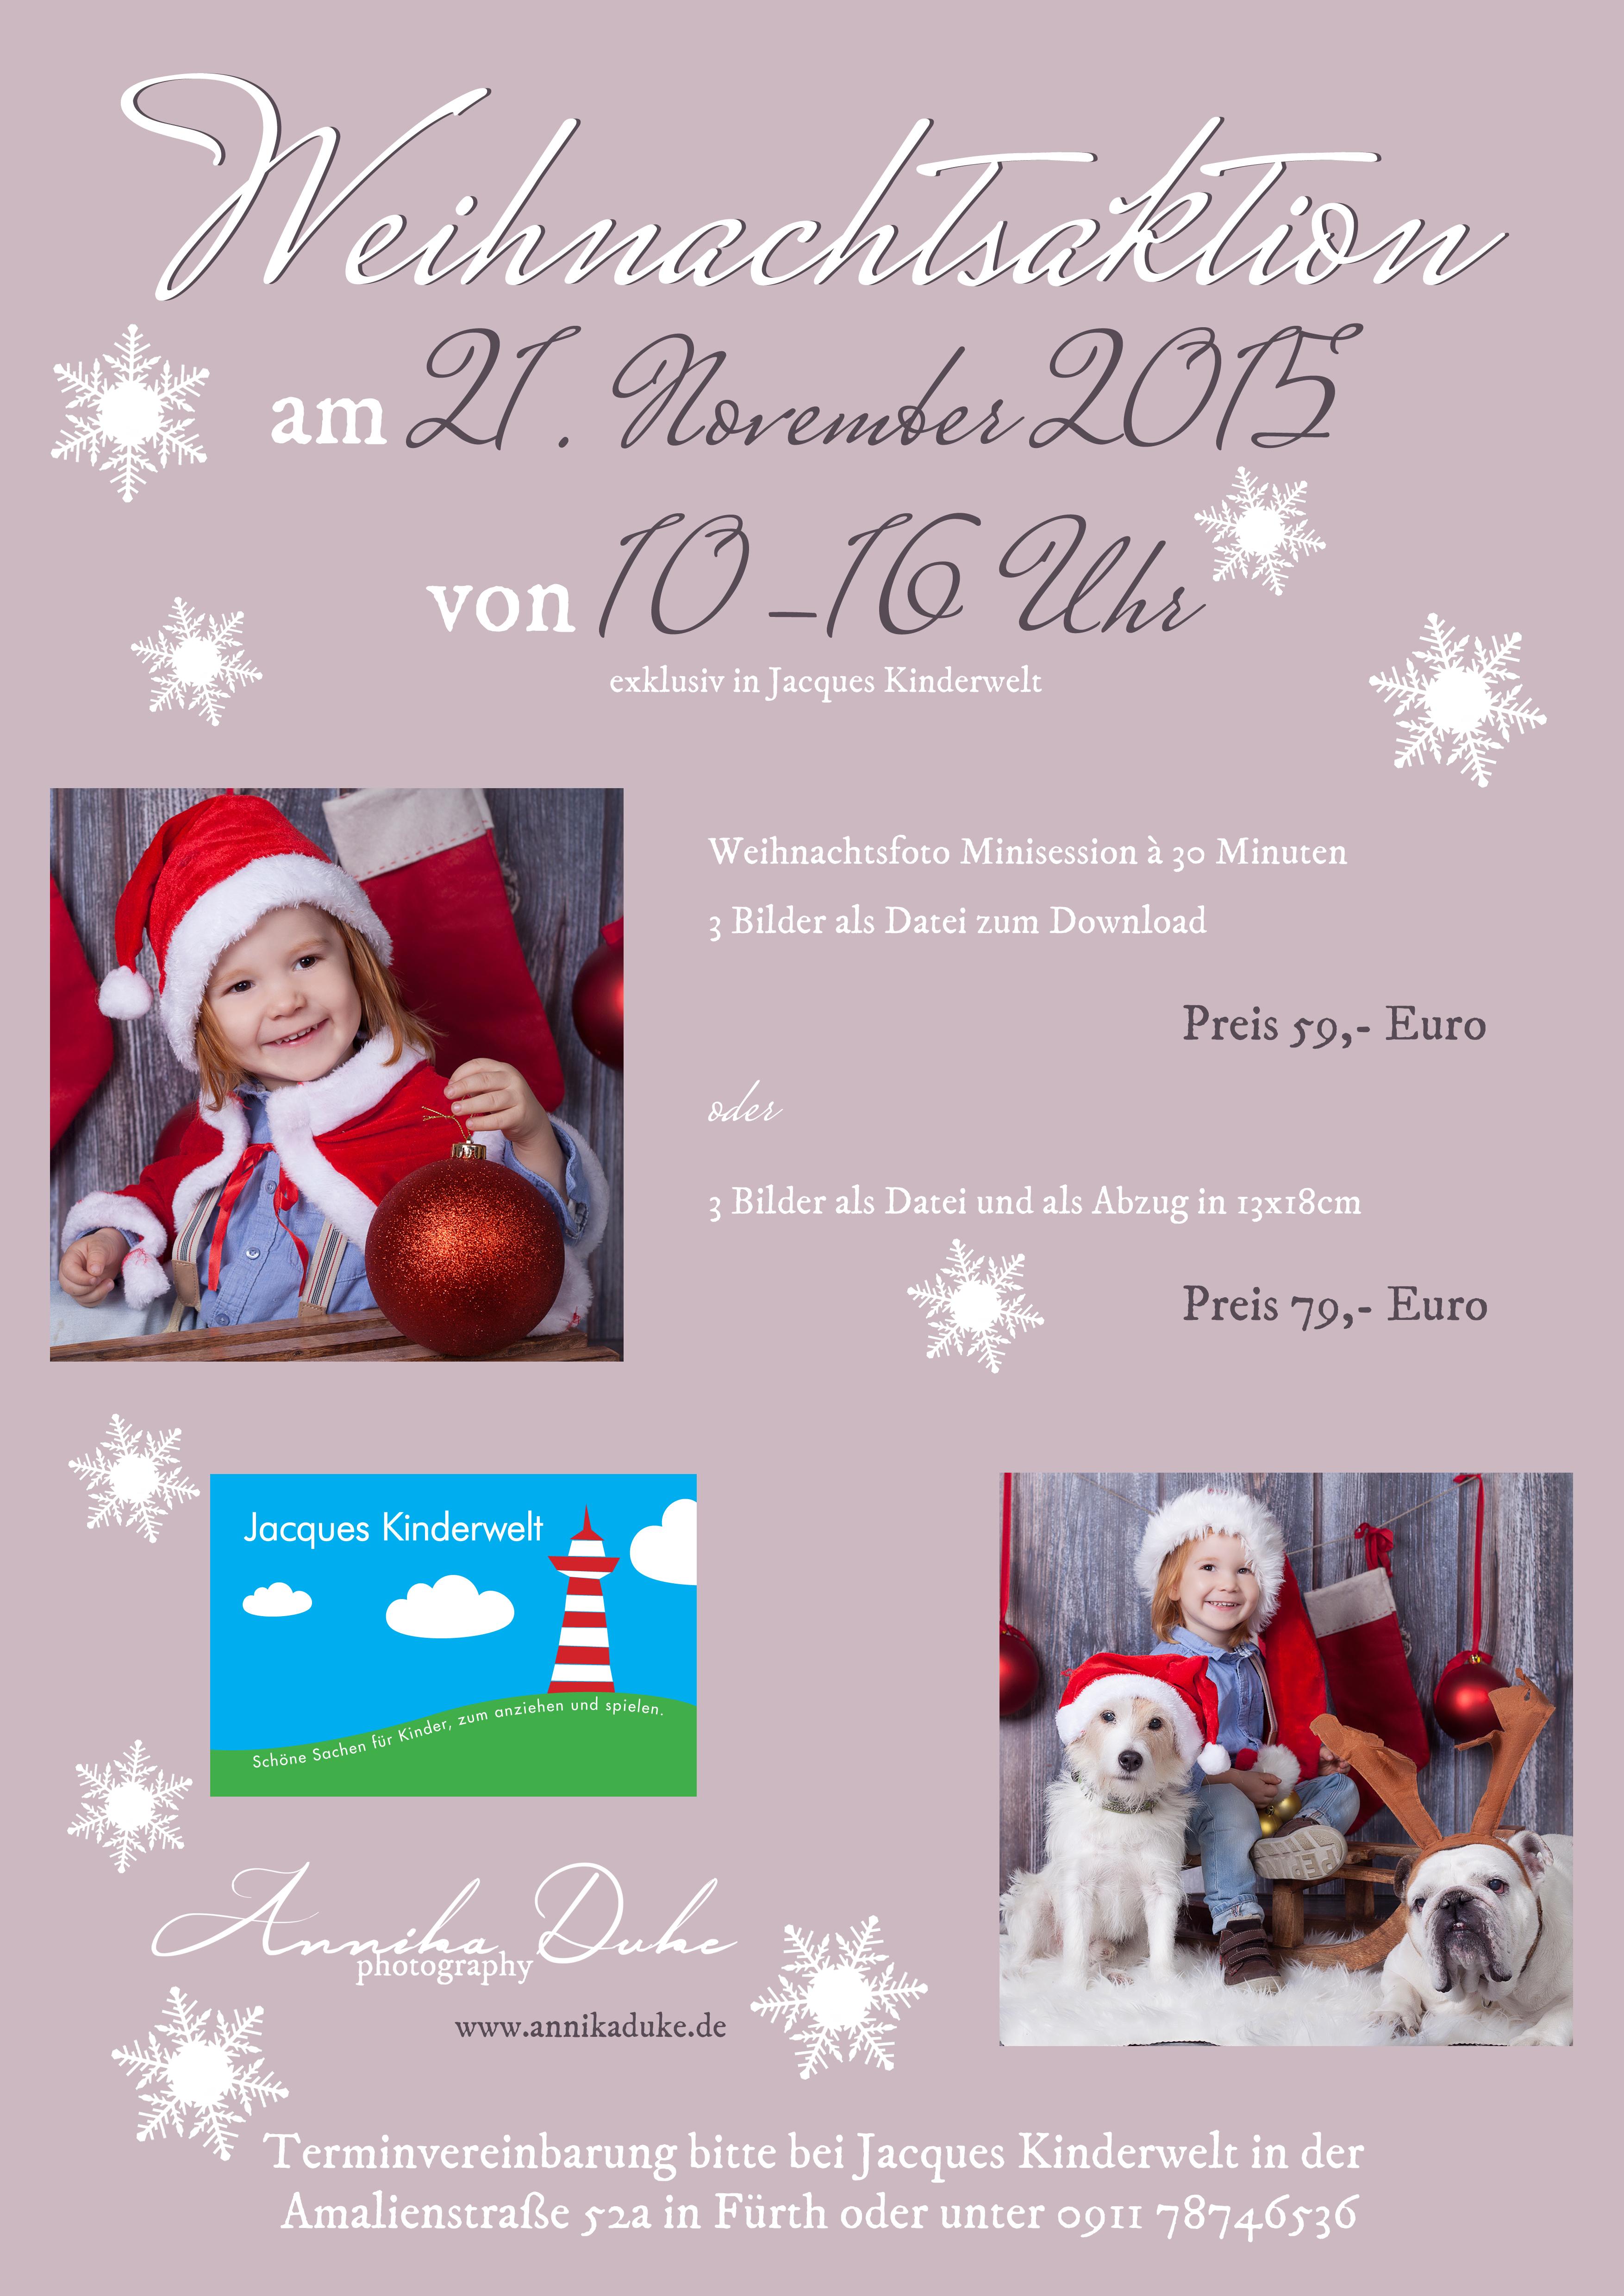 Weihnachtsaktion 2015 2